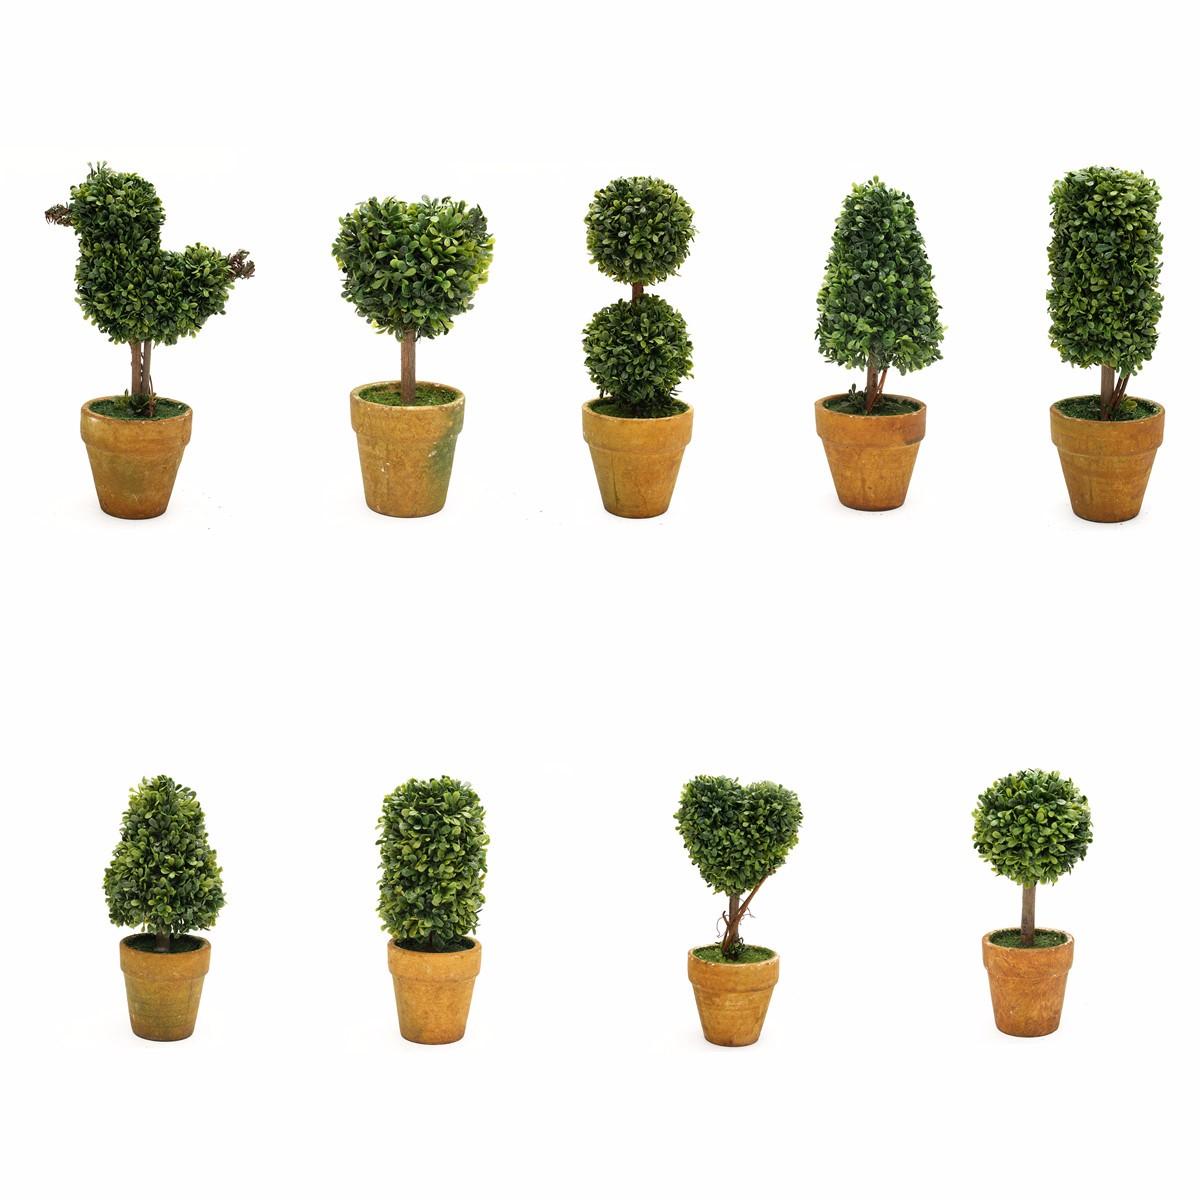 tempsa plante artificielle arbre topiaire d coration ext rieure arbuste avec pot 30cm double. Black Bedroom Furniture Sets. Home Design Ideas